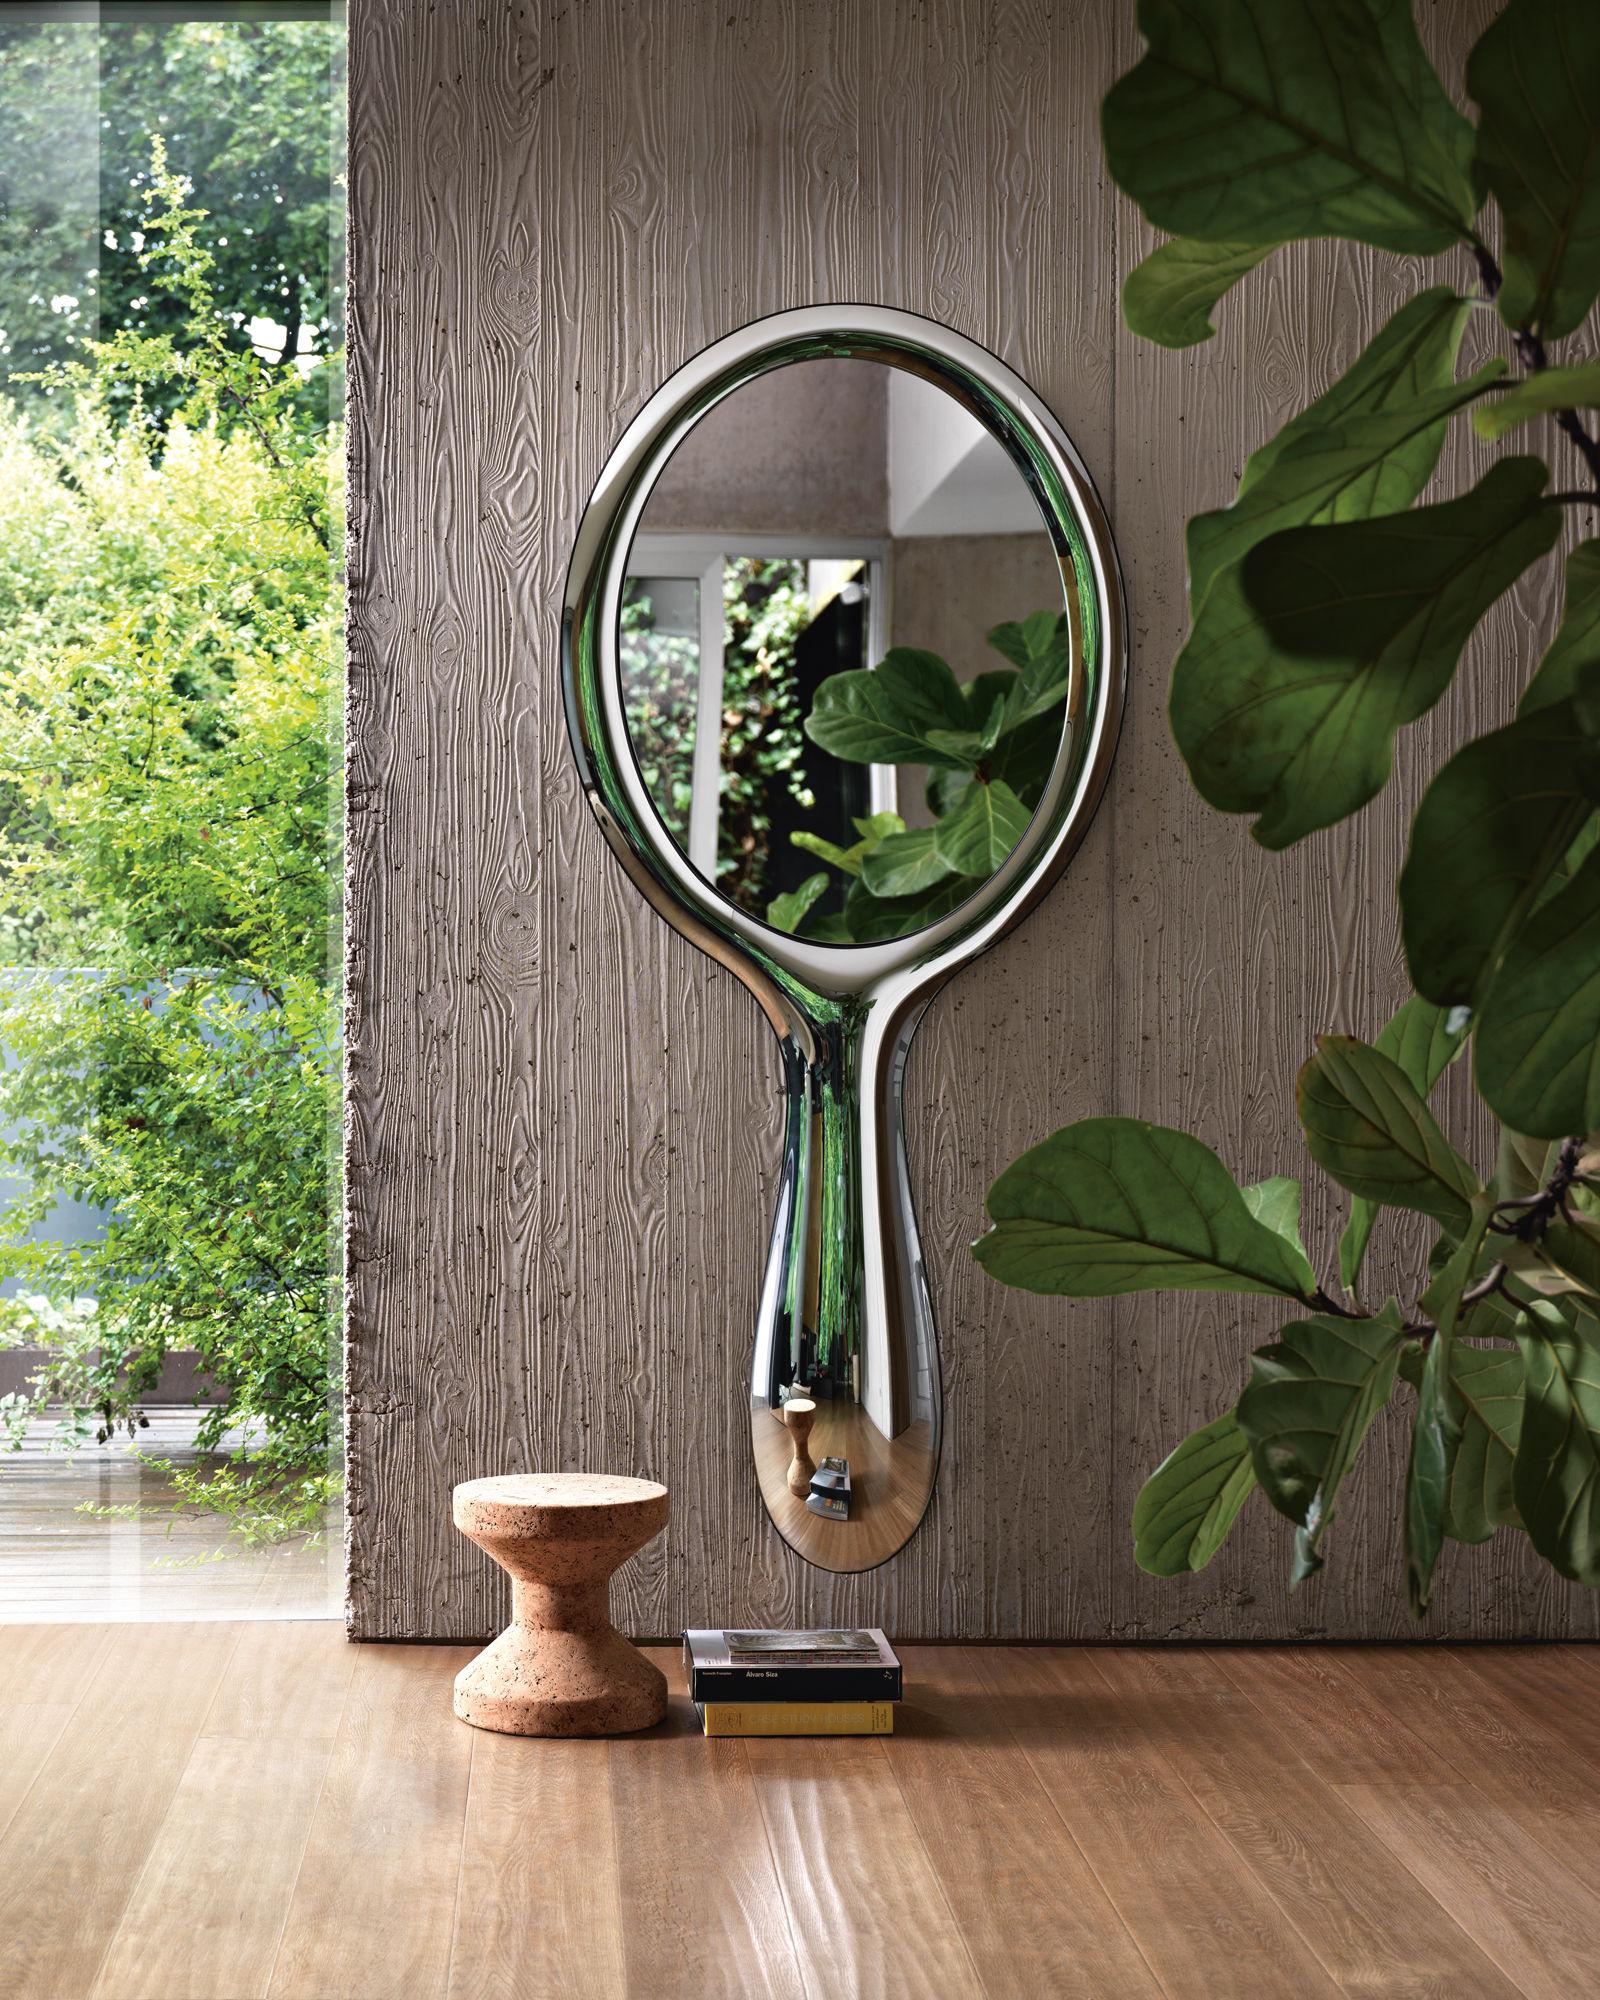 miroir mural lollipop l 90 x h 200 cm argent fiam. Black Bedroom Furniture Sets. Home Design Ideas